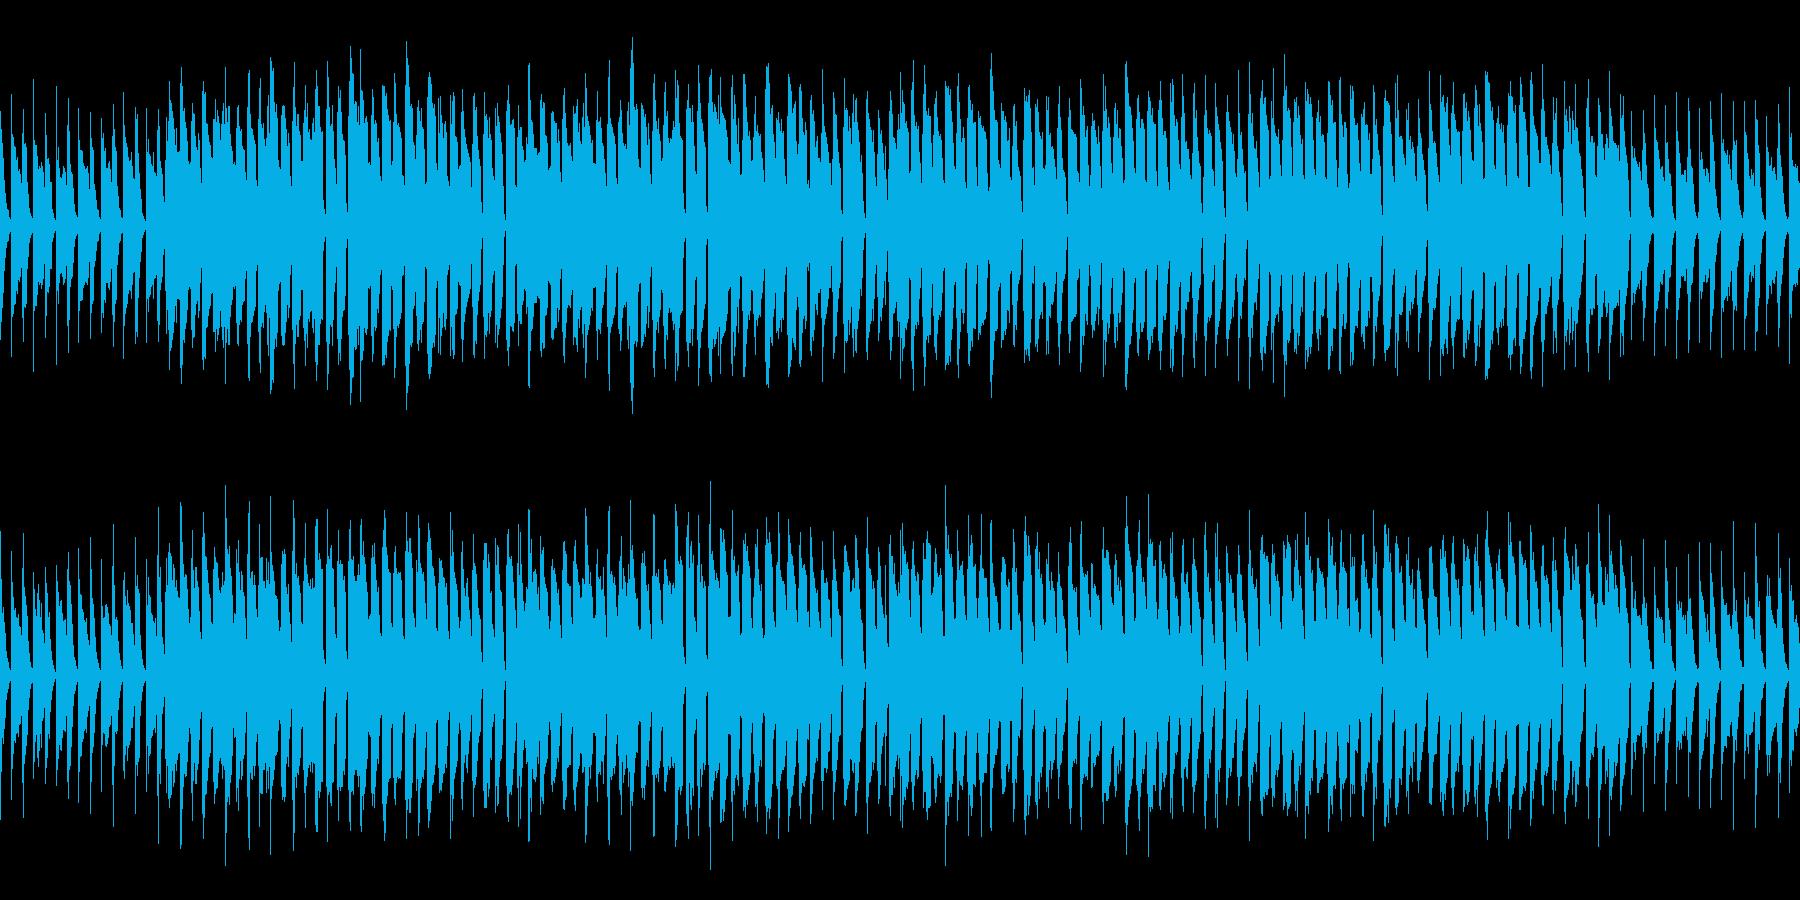 ループ ほのぼのかわいい日常系ポップスの再生済みの波形